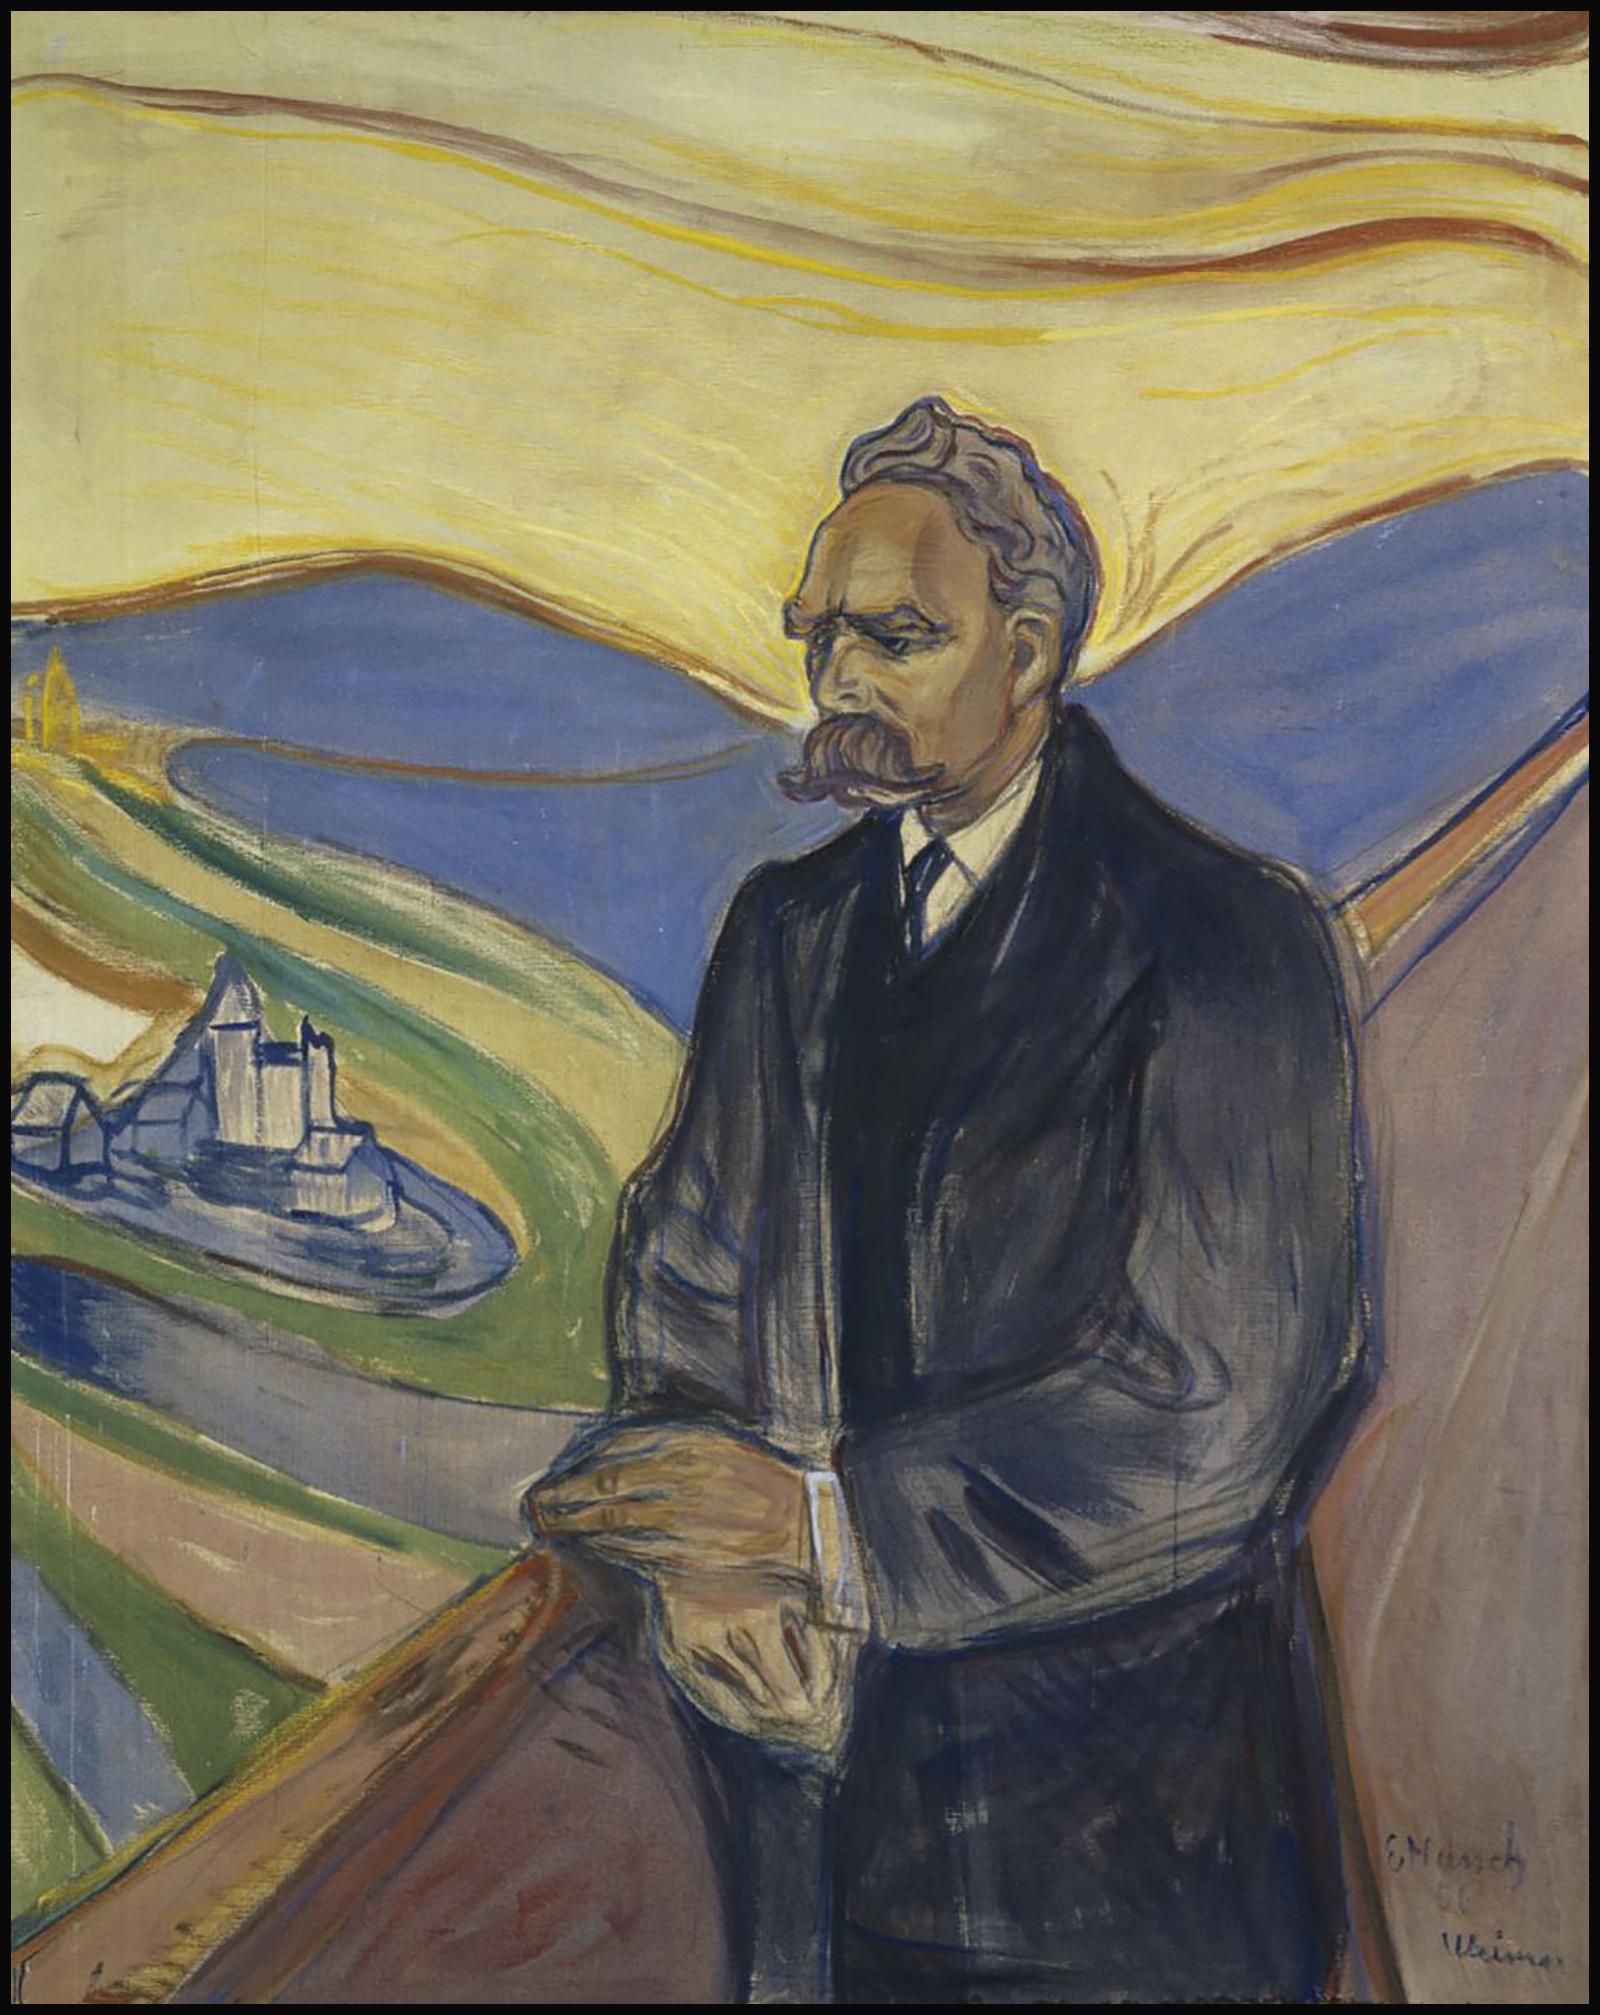 Friederich_Nietzsche par Edvard Munch,1906